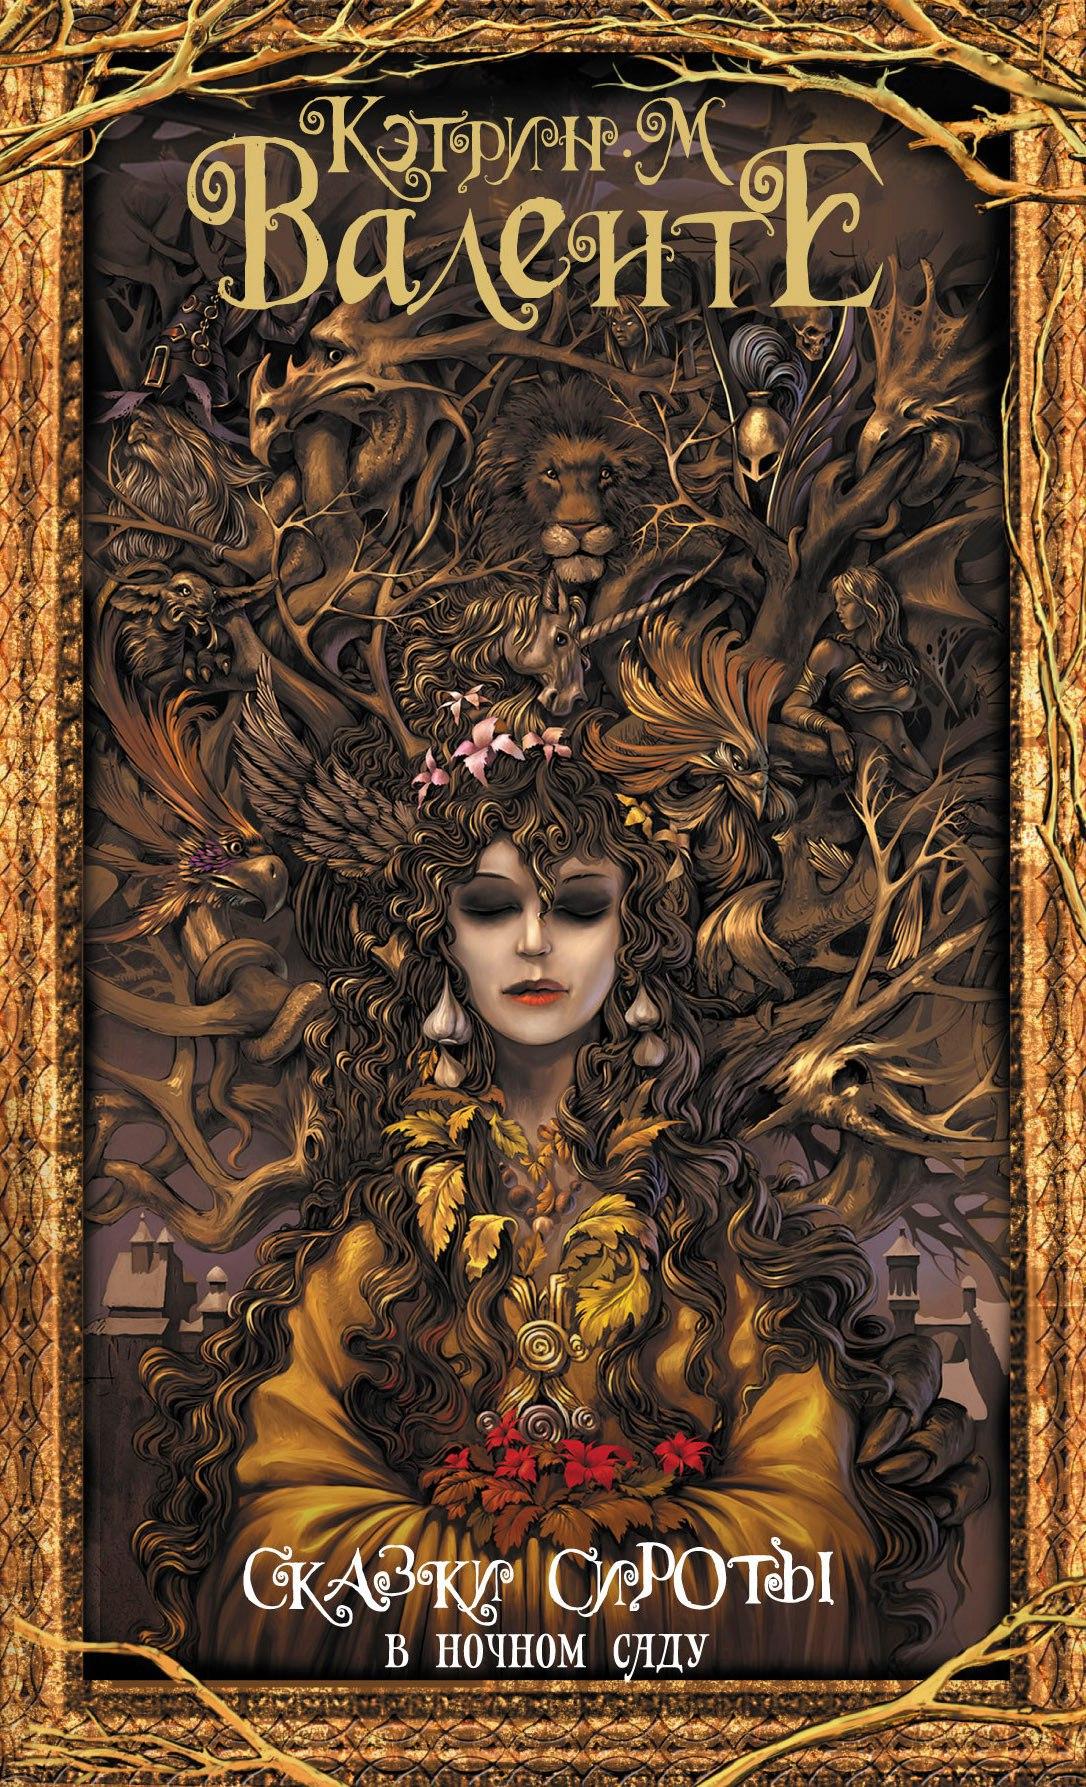 Кэтрин М. Валенте «Сказки сироты: Вночном саду» 1